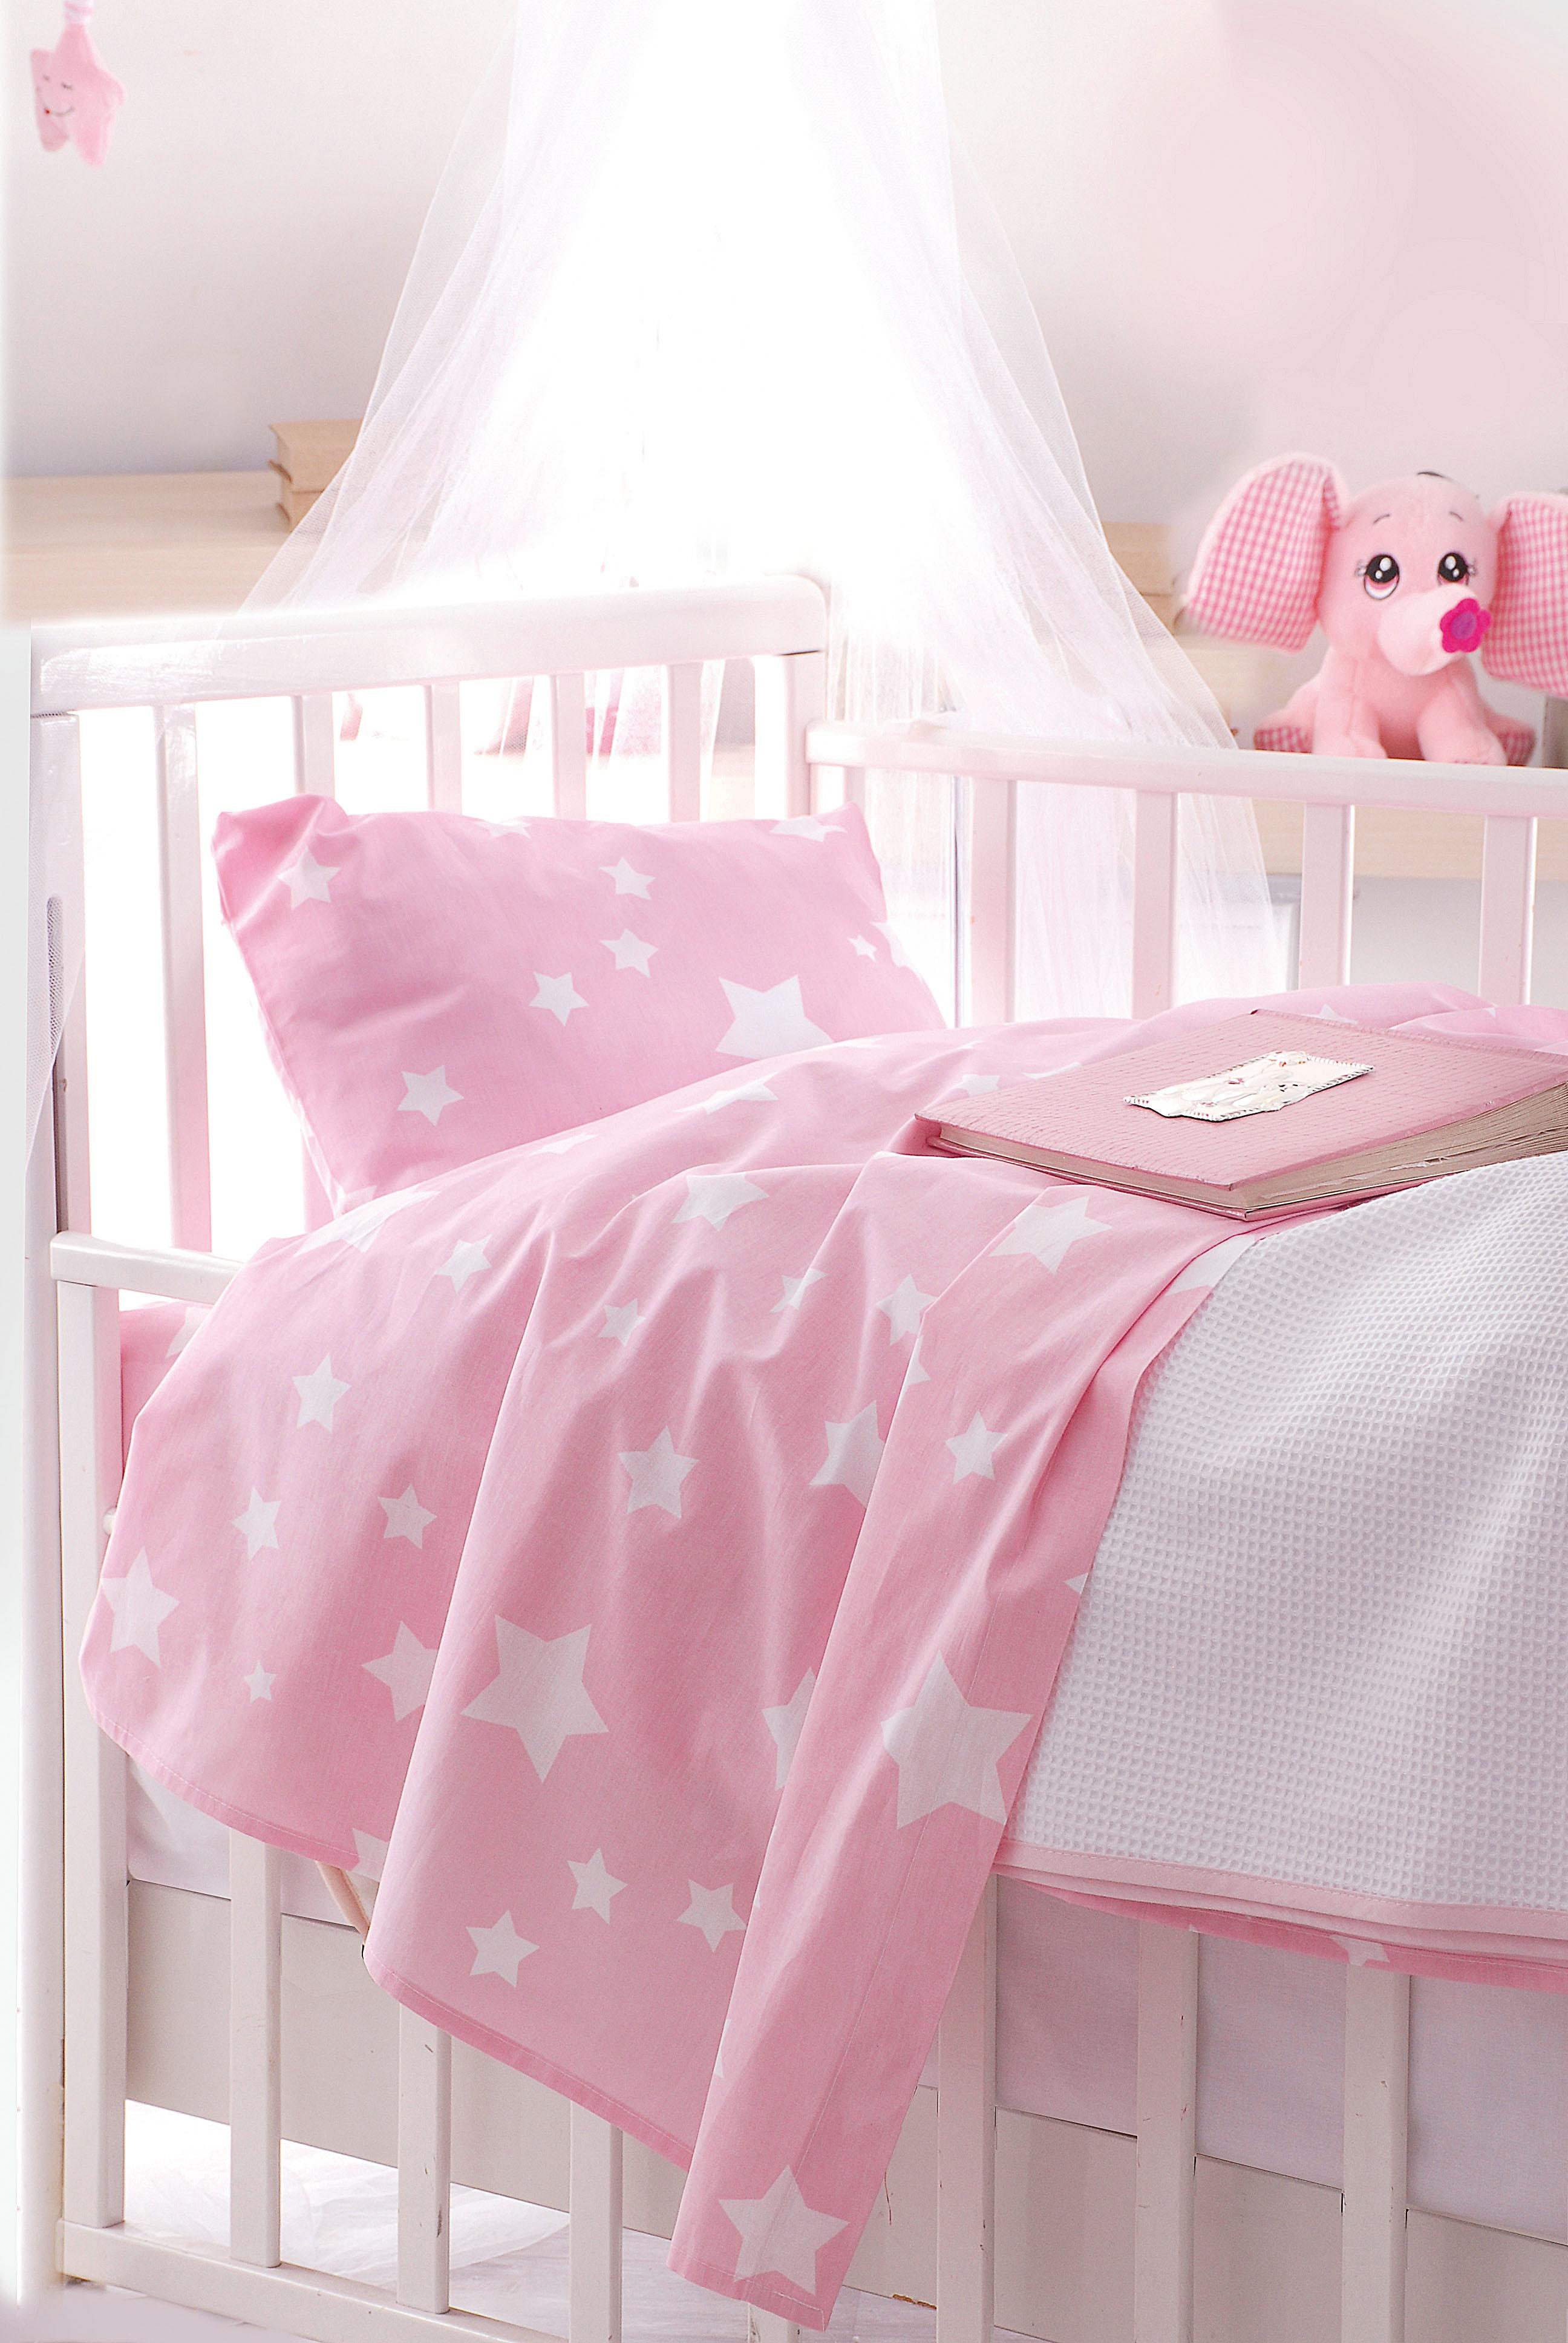 Πάπλωμα bebe STARDUST PINK, RYTHMOS HOME προικα μωρου   βρεφικά παπλώματα